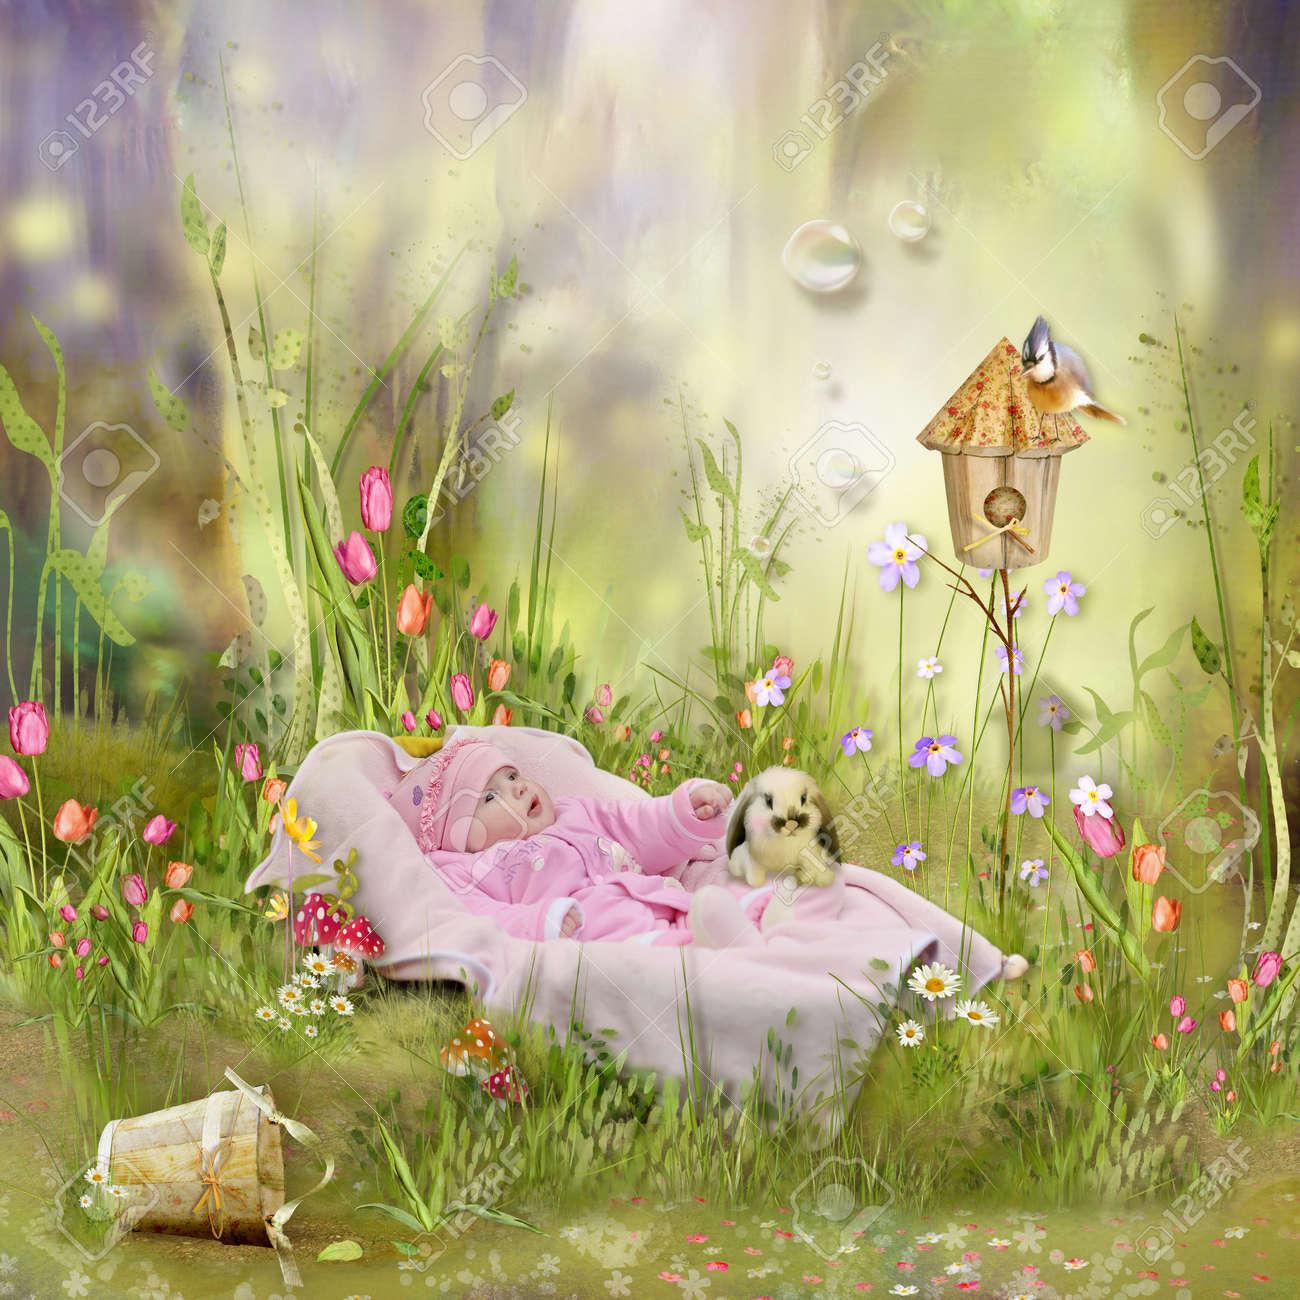 Illustration D Un Dessin Anime Dans La Prairie De Fleurs Sauvages